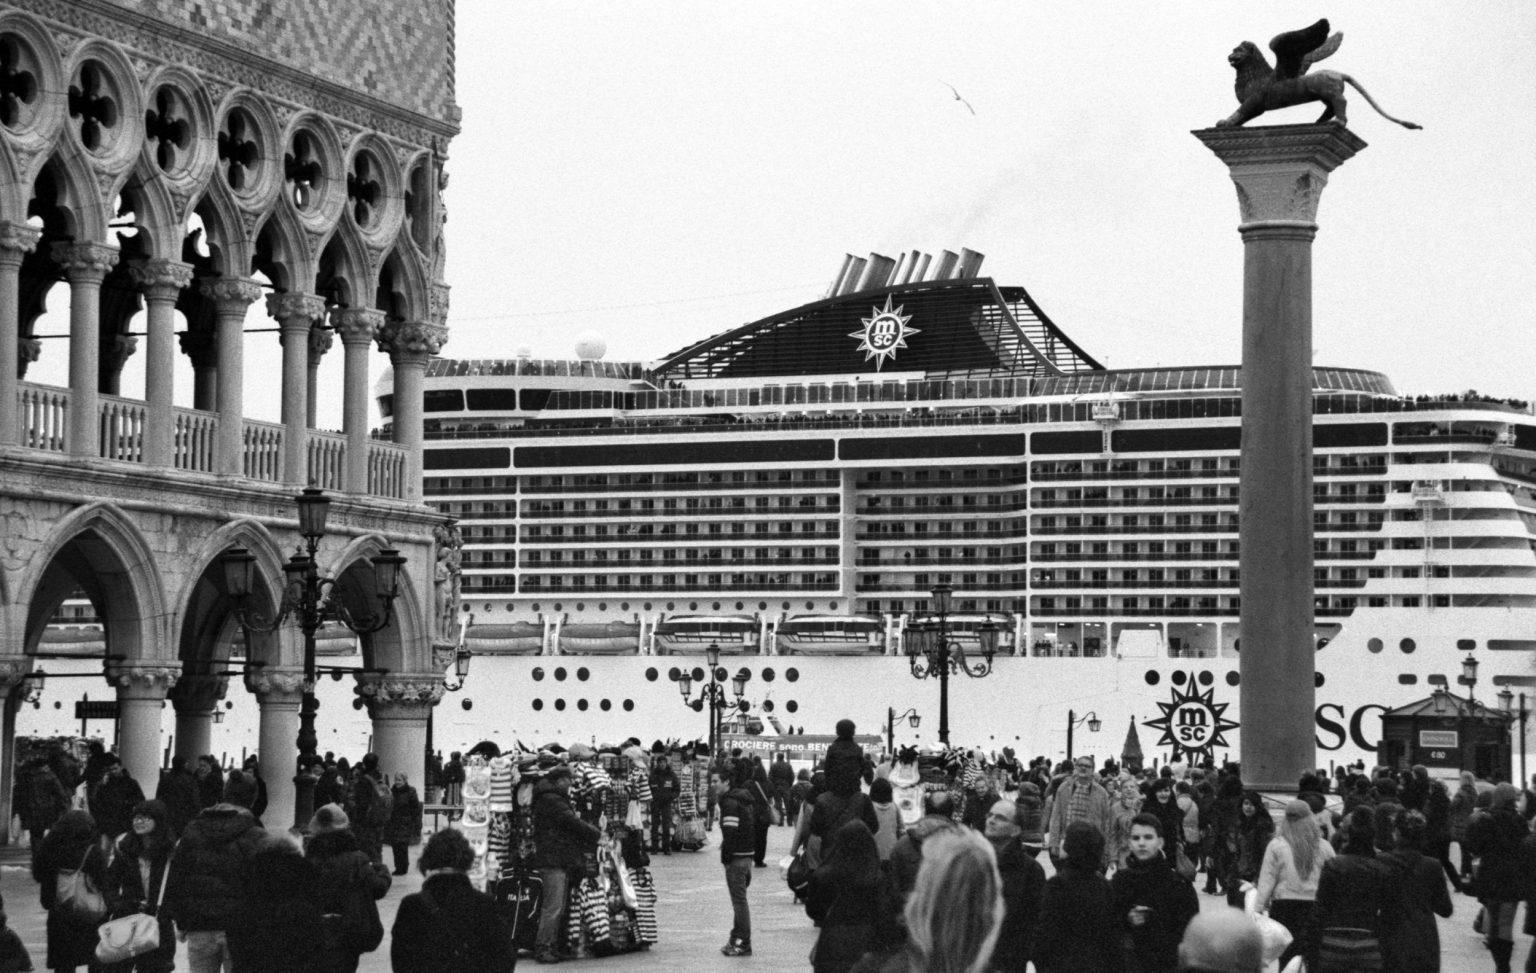 """Venice, April 2013 - Big cruise liners invade the city - MSC Divina cruise ship passing by St Mark's Square ><  Venezia, aprile 2013 - Le grandi navi da crociera invadono la città - La MSC Divina passa davanti a piazza San Marco<p><span style=""""color: #ff0000""""><strong>*** SPECIAL   FEE   APPLIES ***</strong></span></p>*** SPECIAL   FEE   APPLIES *** *** Local Caption *** 00473483"""